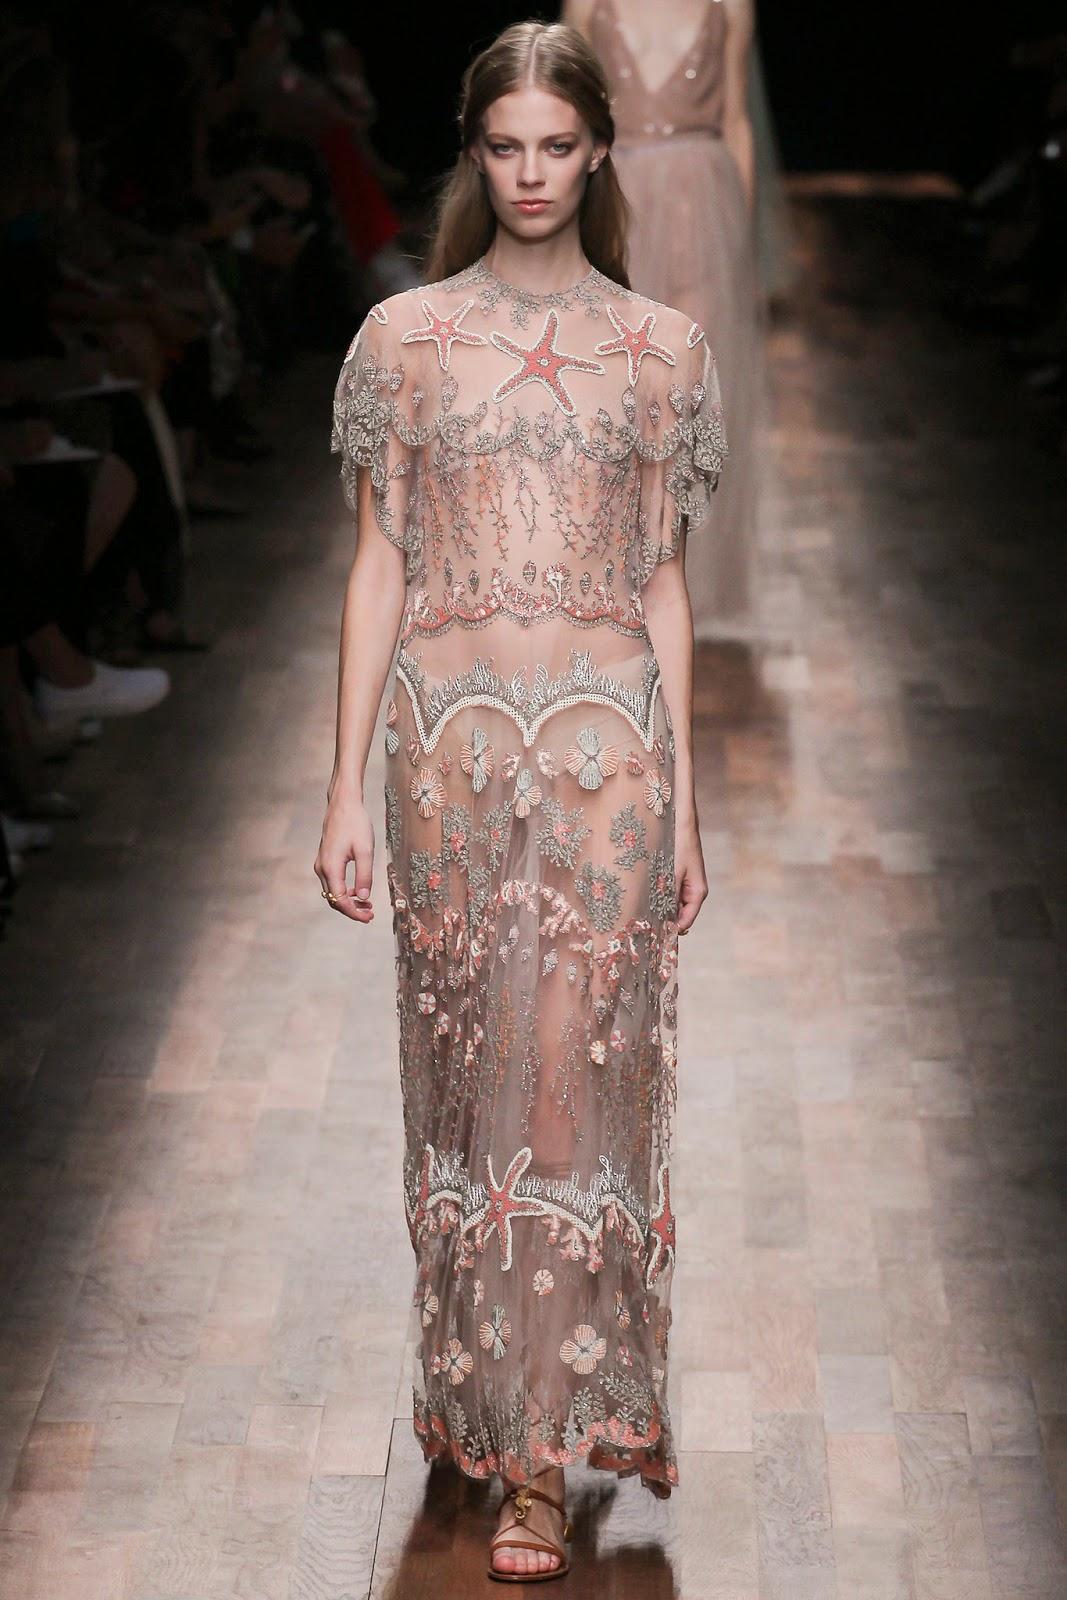 valentino 2015 summer 2016 trend women dress93 Valentino 2015 samling, våren sommaren 2016 Valentino klänning modeller, Valentino kväll klänning nya säsongen kvinnors kjolar modeller